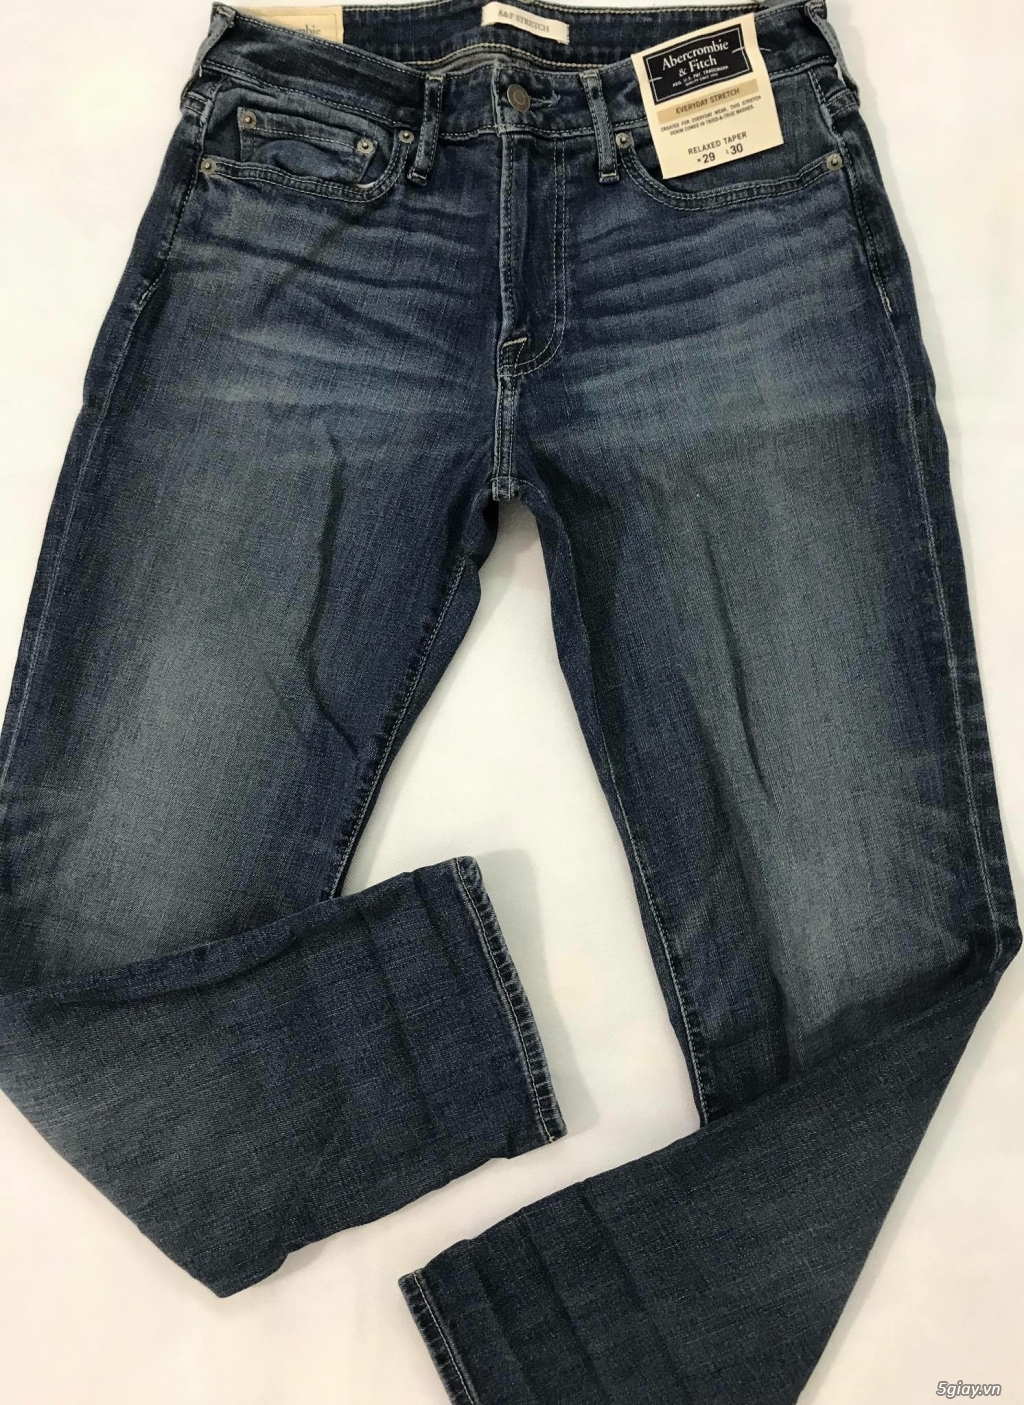 Cần thanh lý quẩn jeans abercrombie & fitch mua bên mỹ . - 12